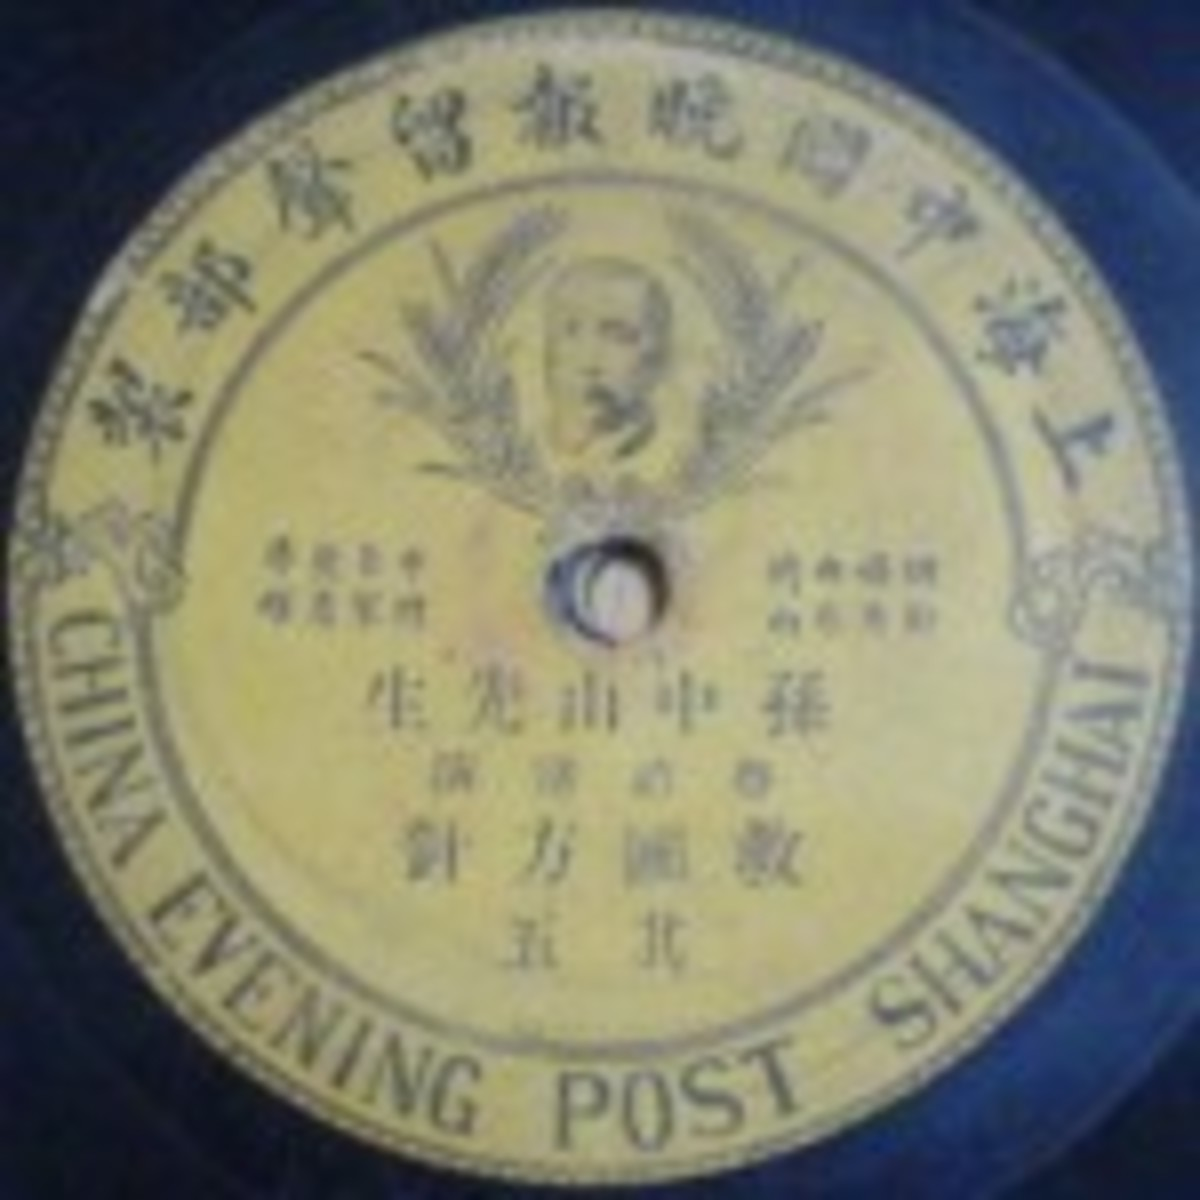 Sun Yat Sen King of the King 78